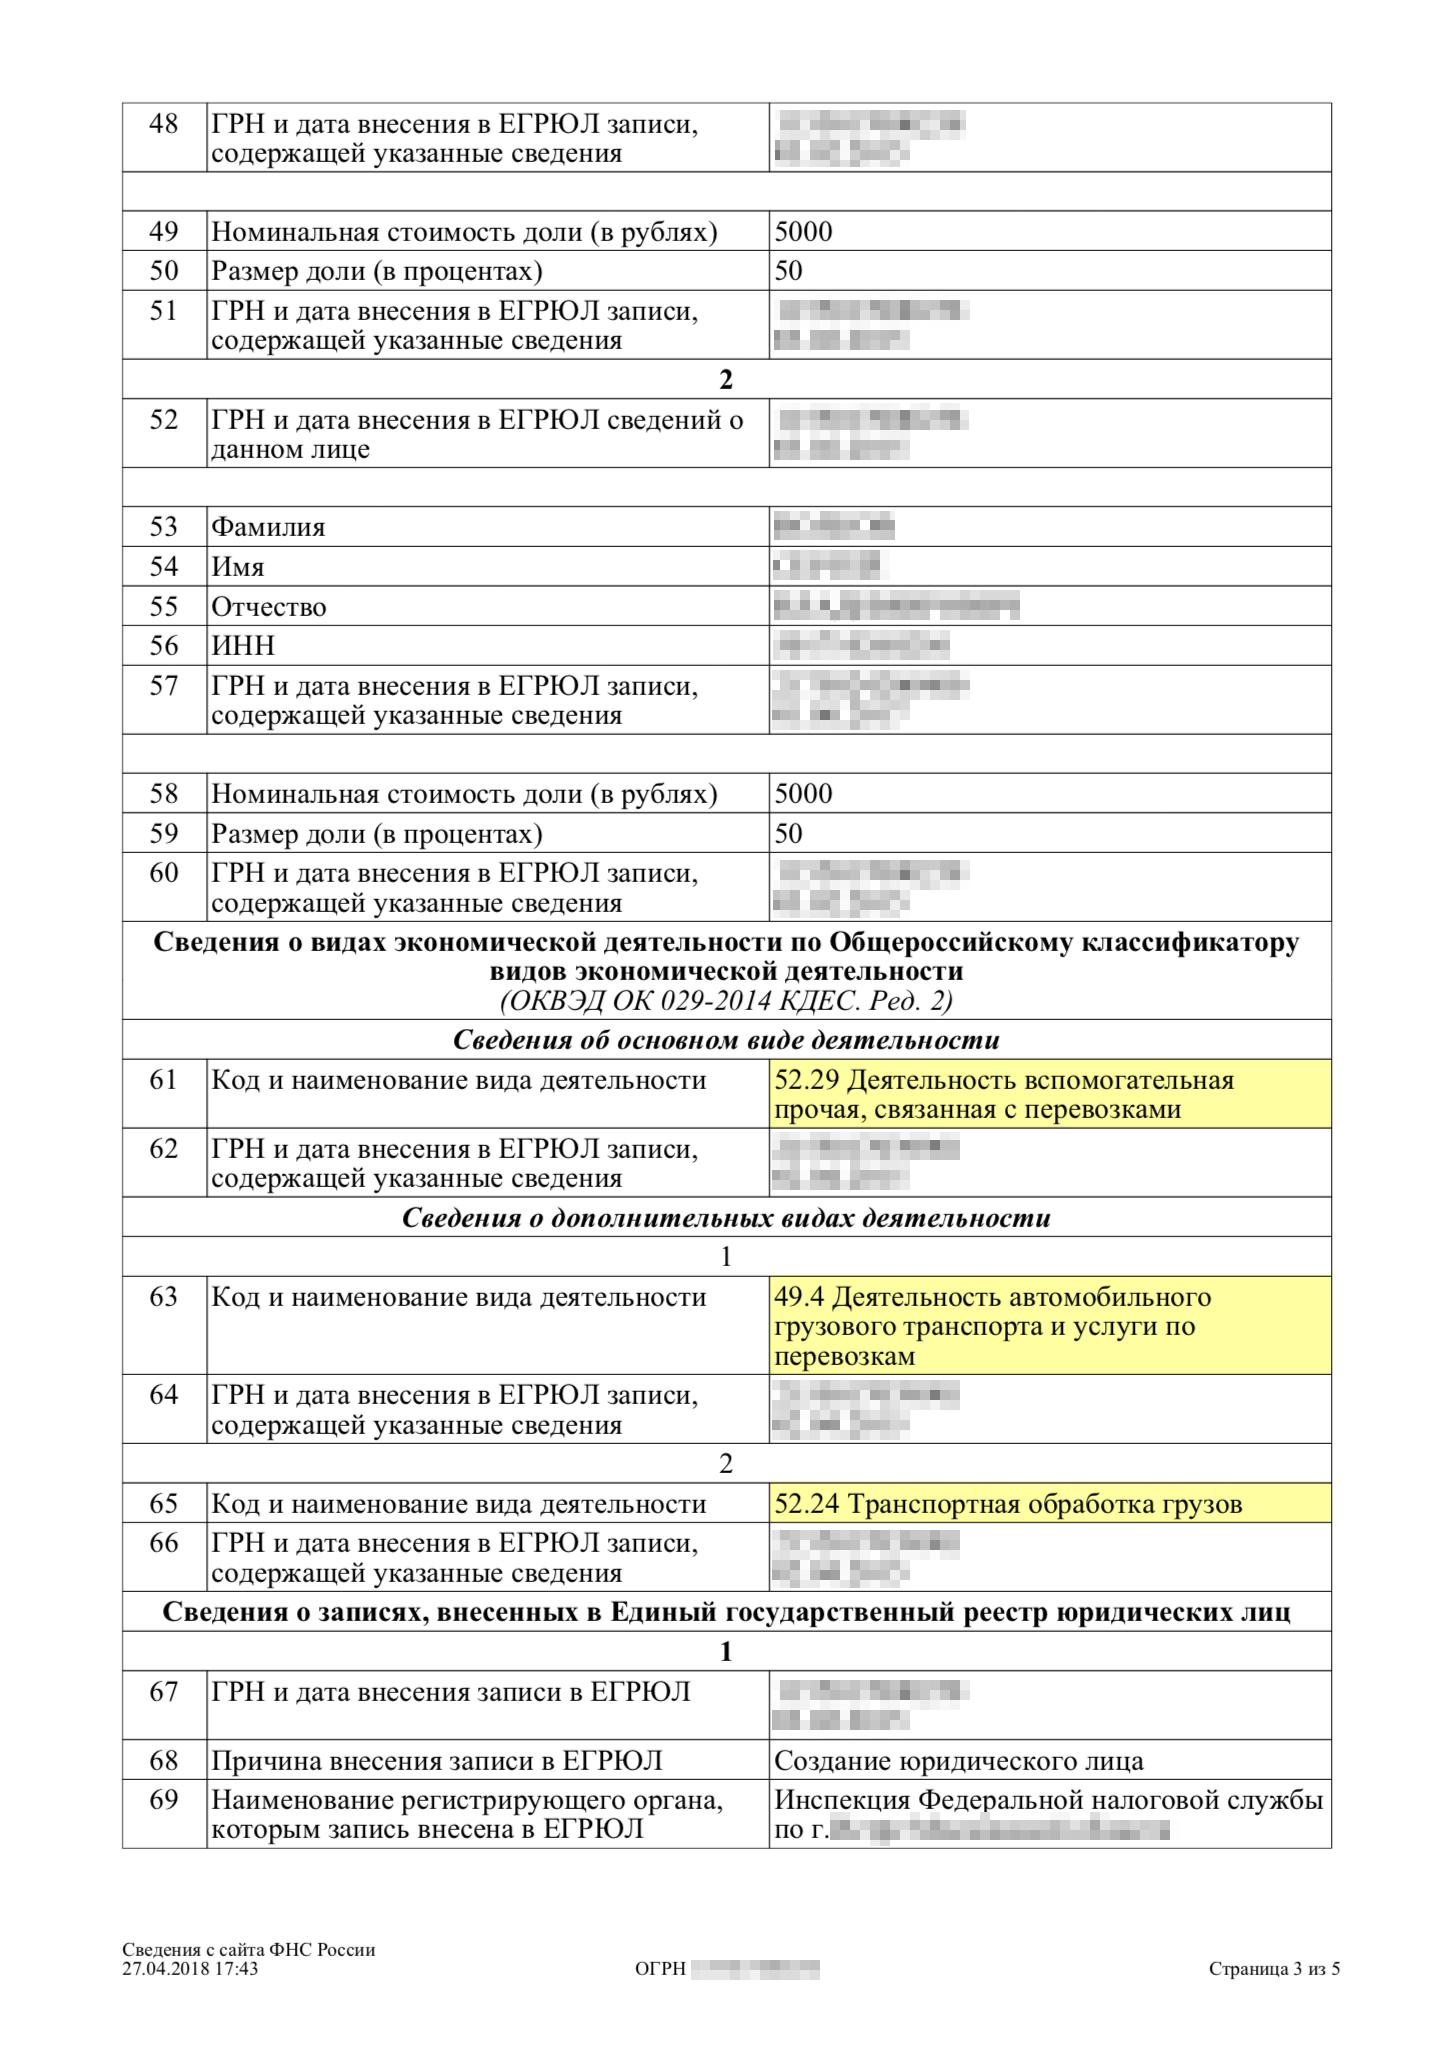 Вот такие коды деятельности были указаны в выписке из ЕГРЮЛ по курьерской службе